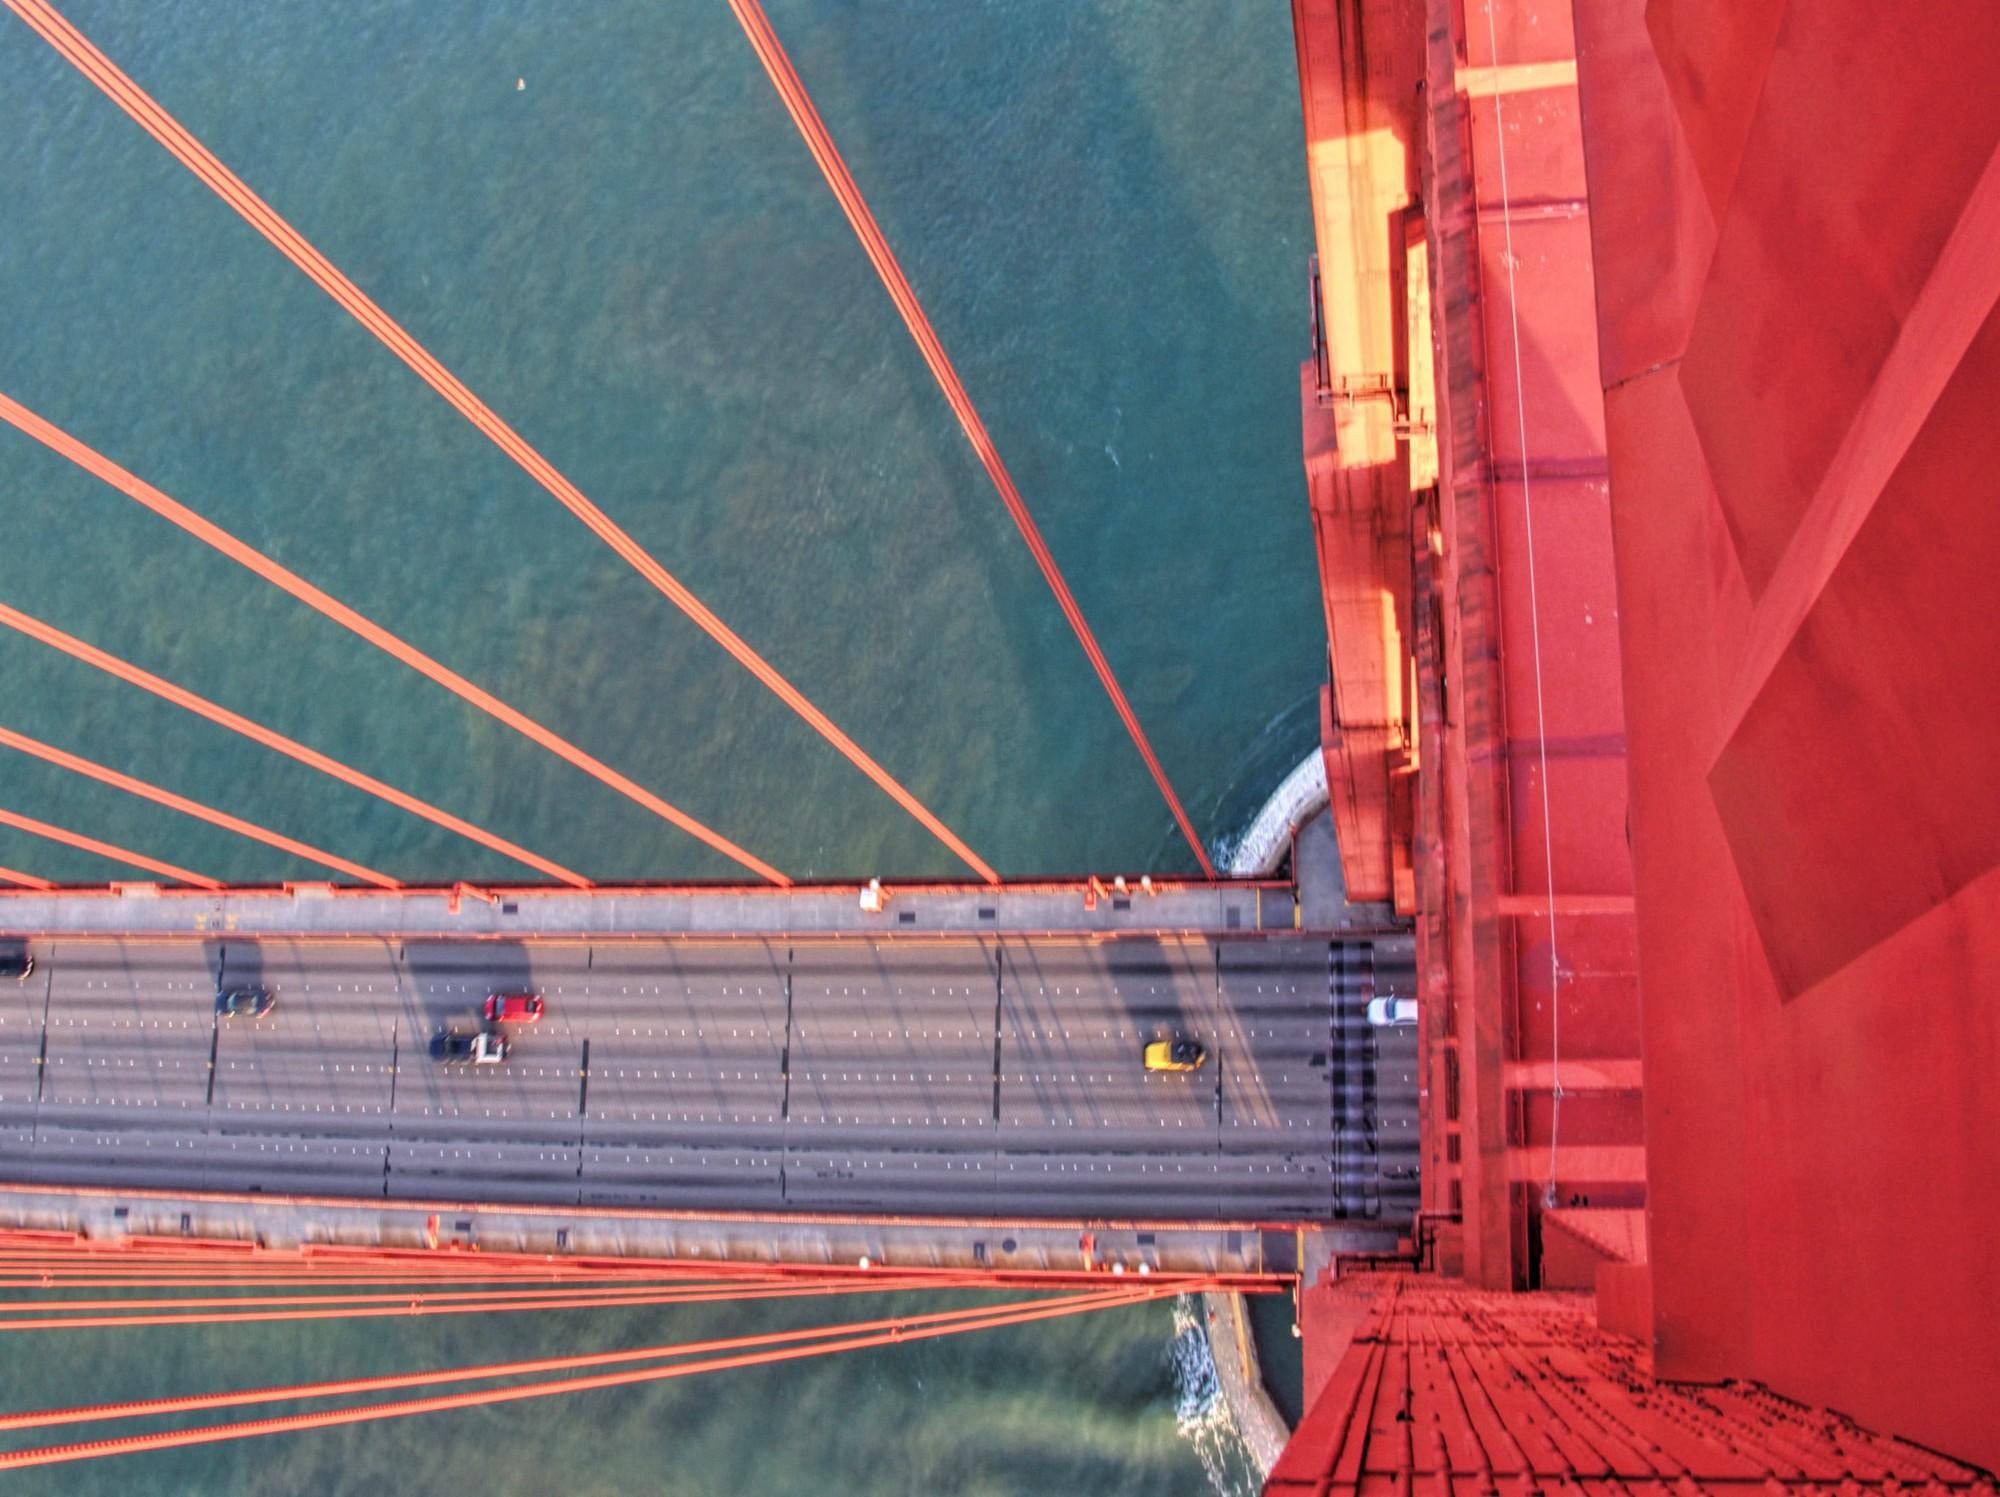 Puente Gonden Gate